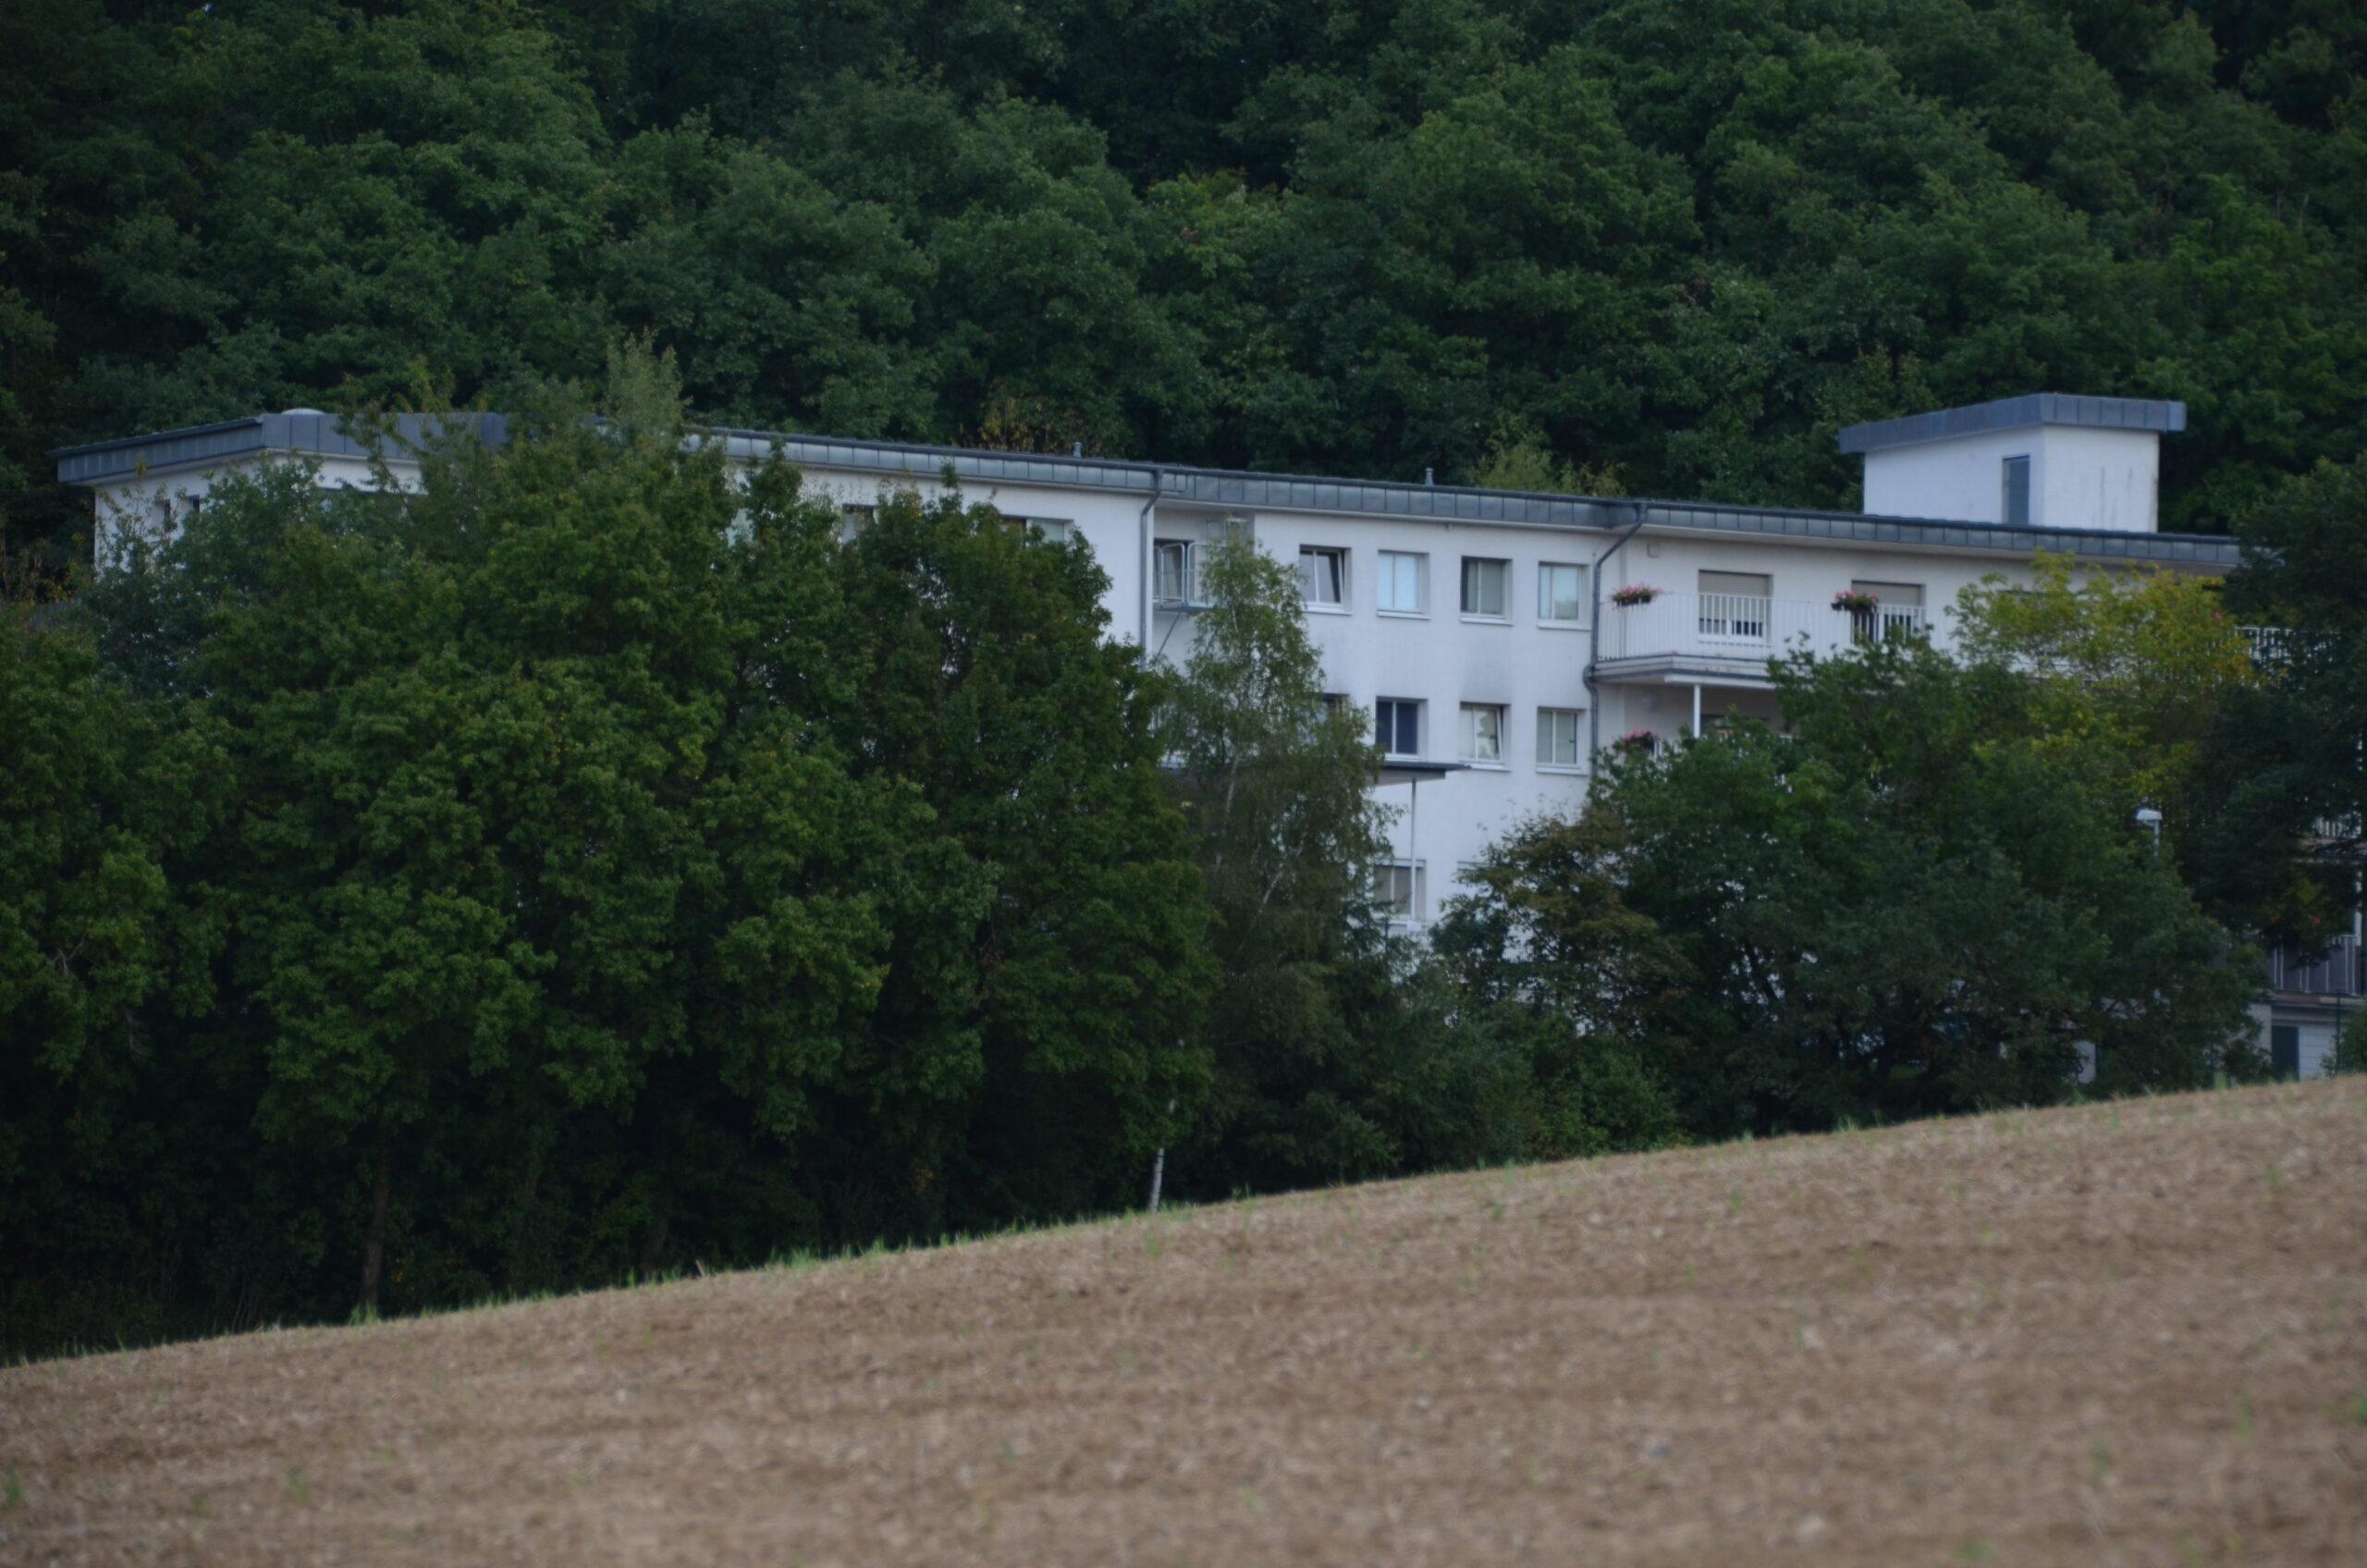 Ansicht der OVA Wonsheim (JVA Rohrbach) - Justizvollzugsanstalt.org